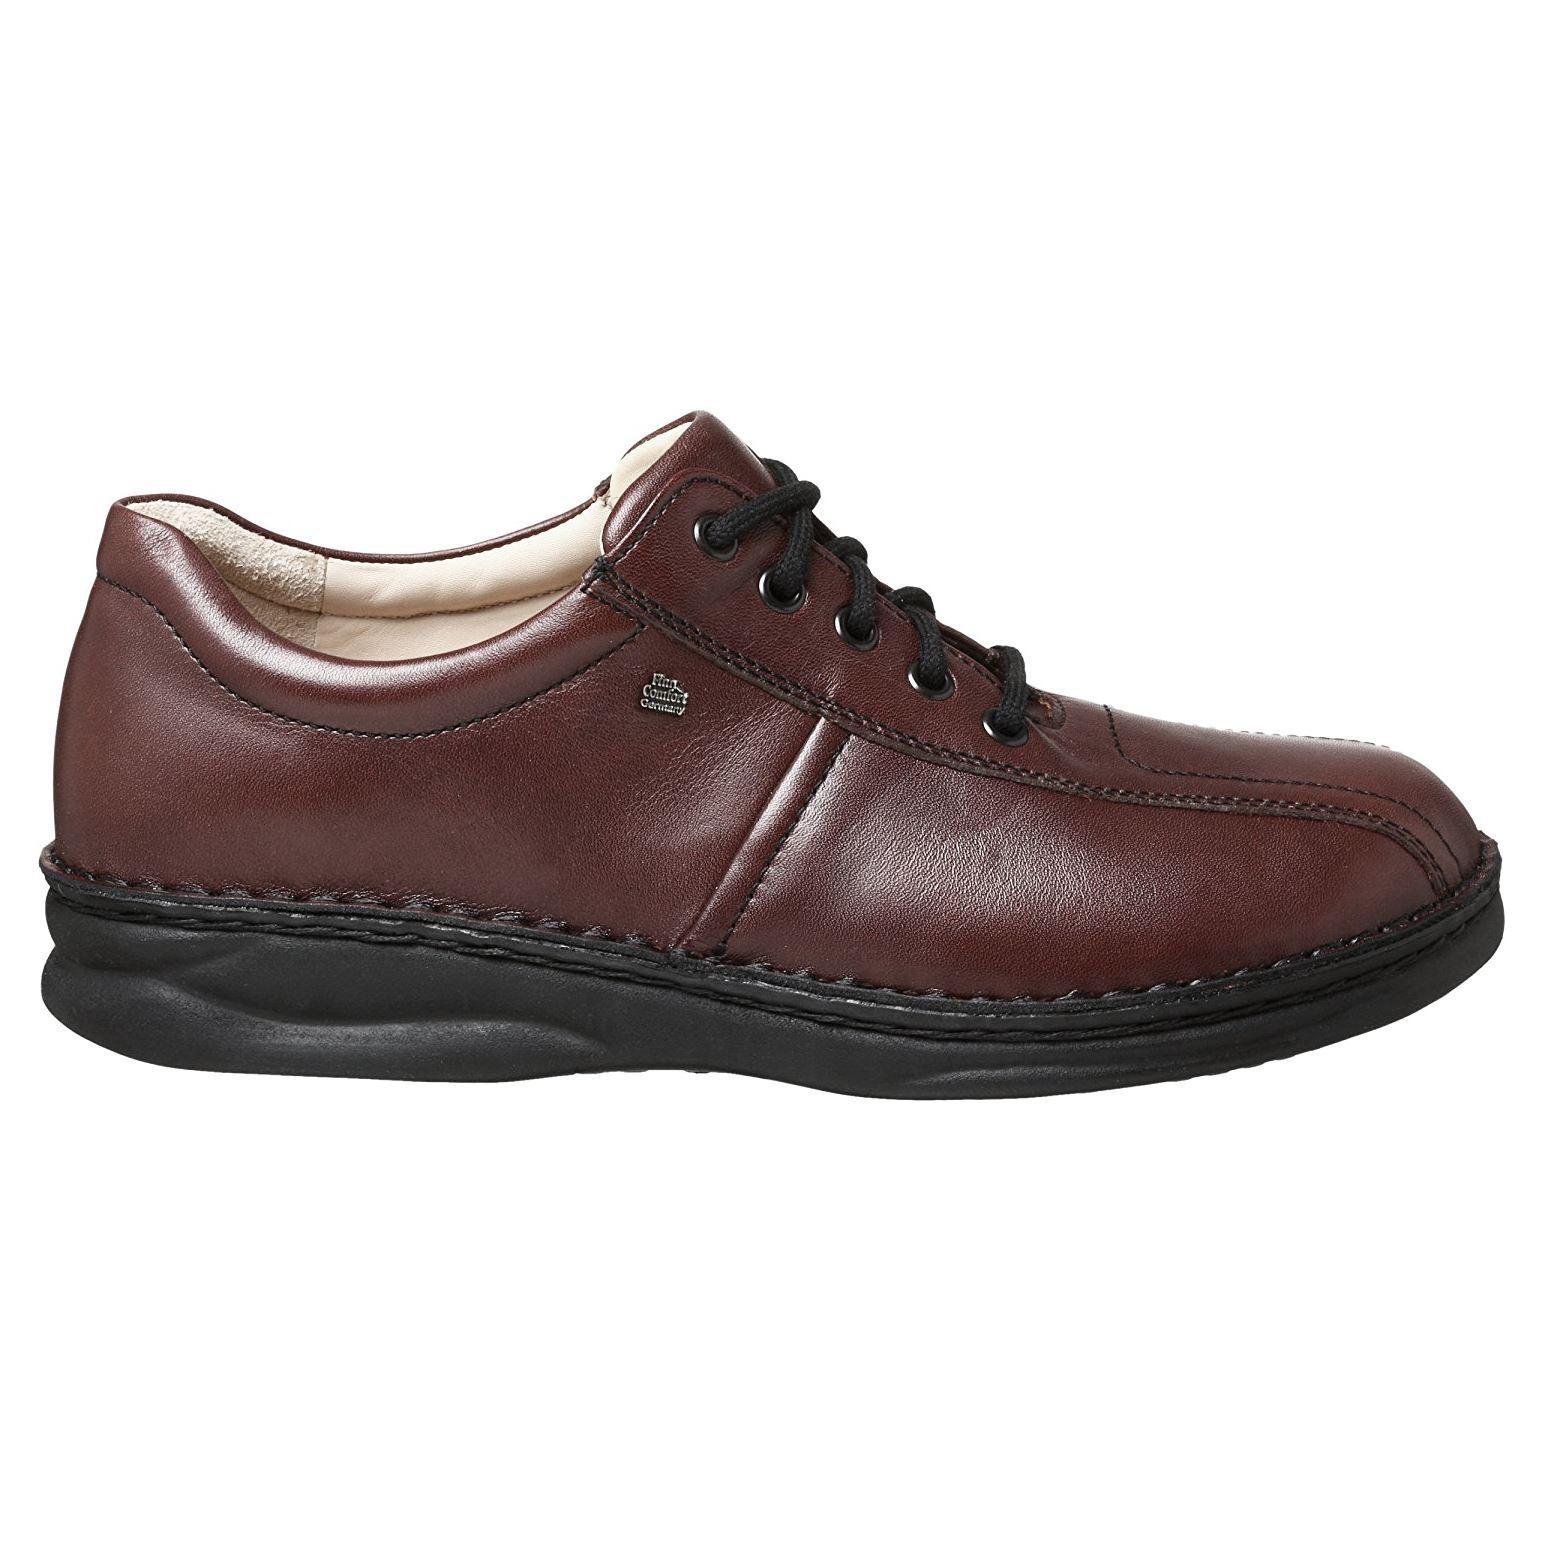 Finn Comfort Schuhes Mens Dijon Braun Leder Schuhes Comfort 44517c